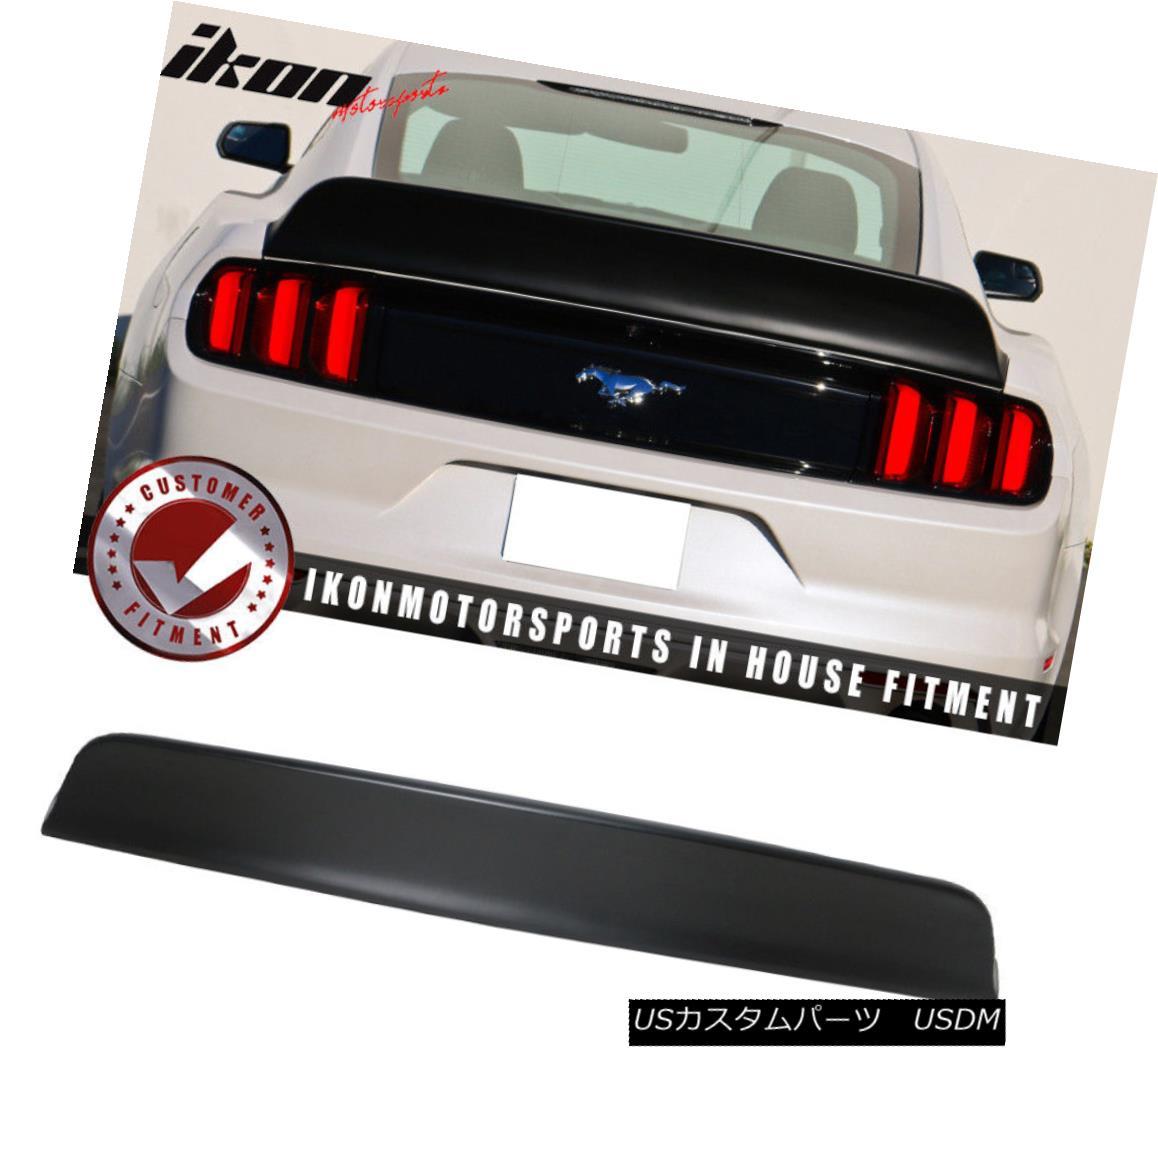 エアロパーツ Fits 15-18 Ford Mustang Coupe IKON Style Matte Black Duckbill Trunk Spoiler PP フィット15-18フォードマスタングクーペIKONスタイルマットブラックダックビルトランクスポイラーPP